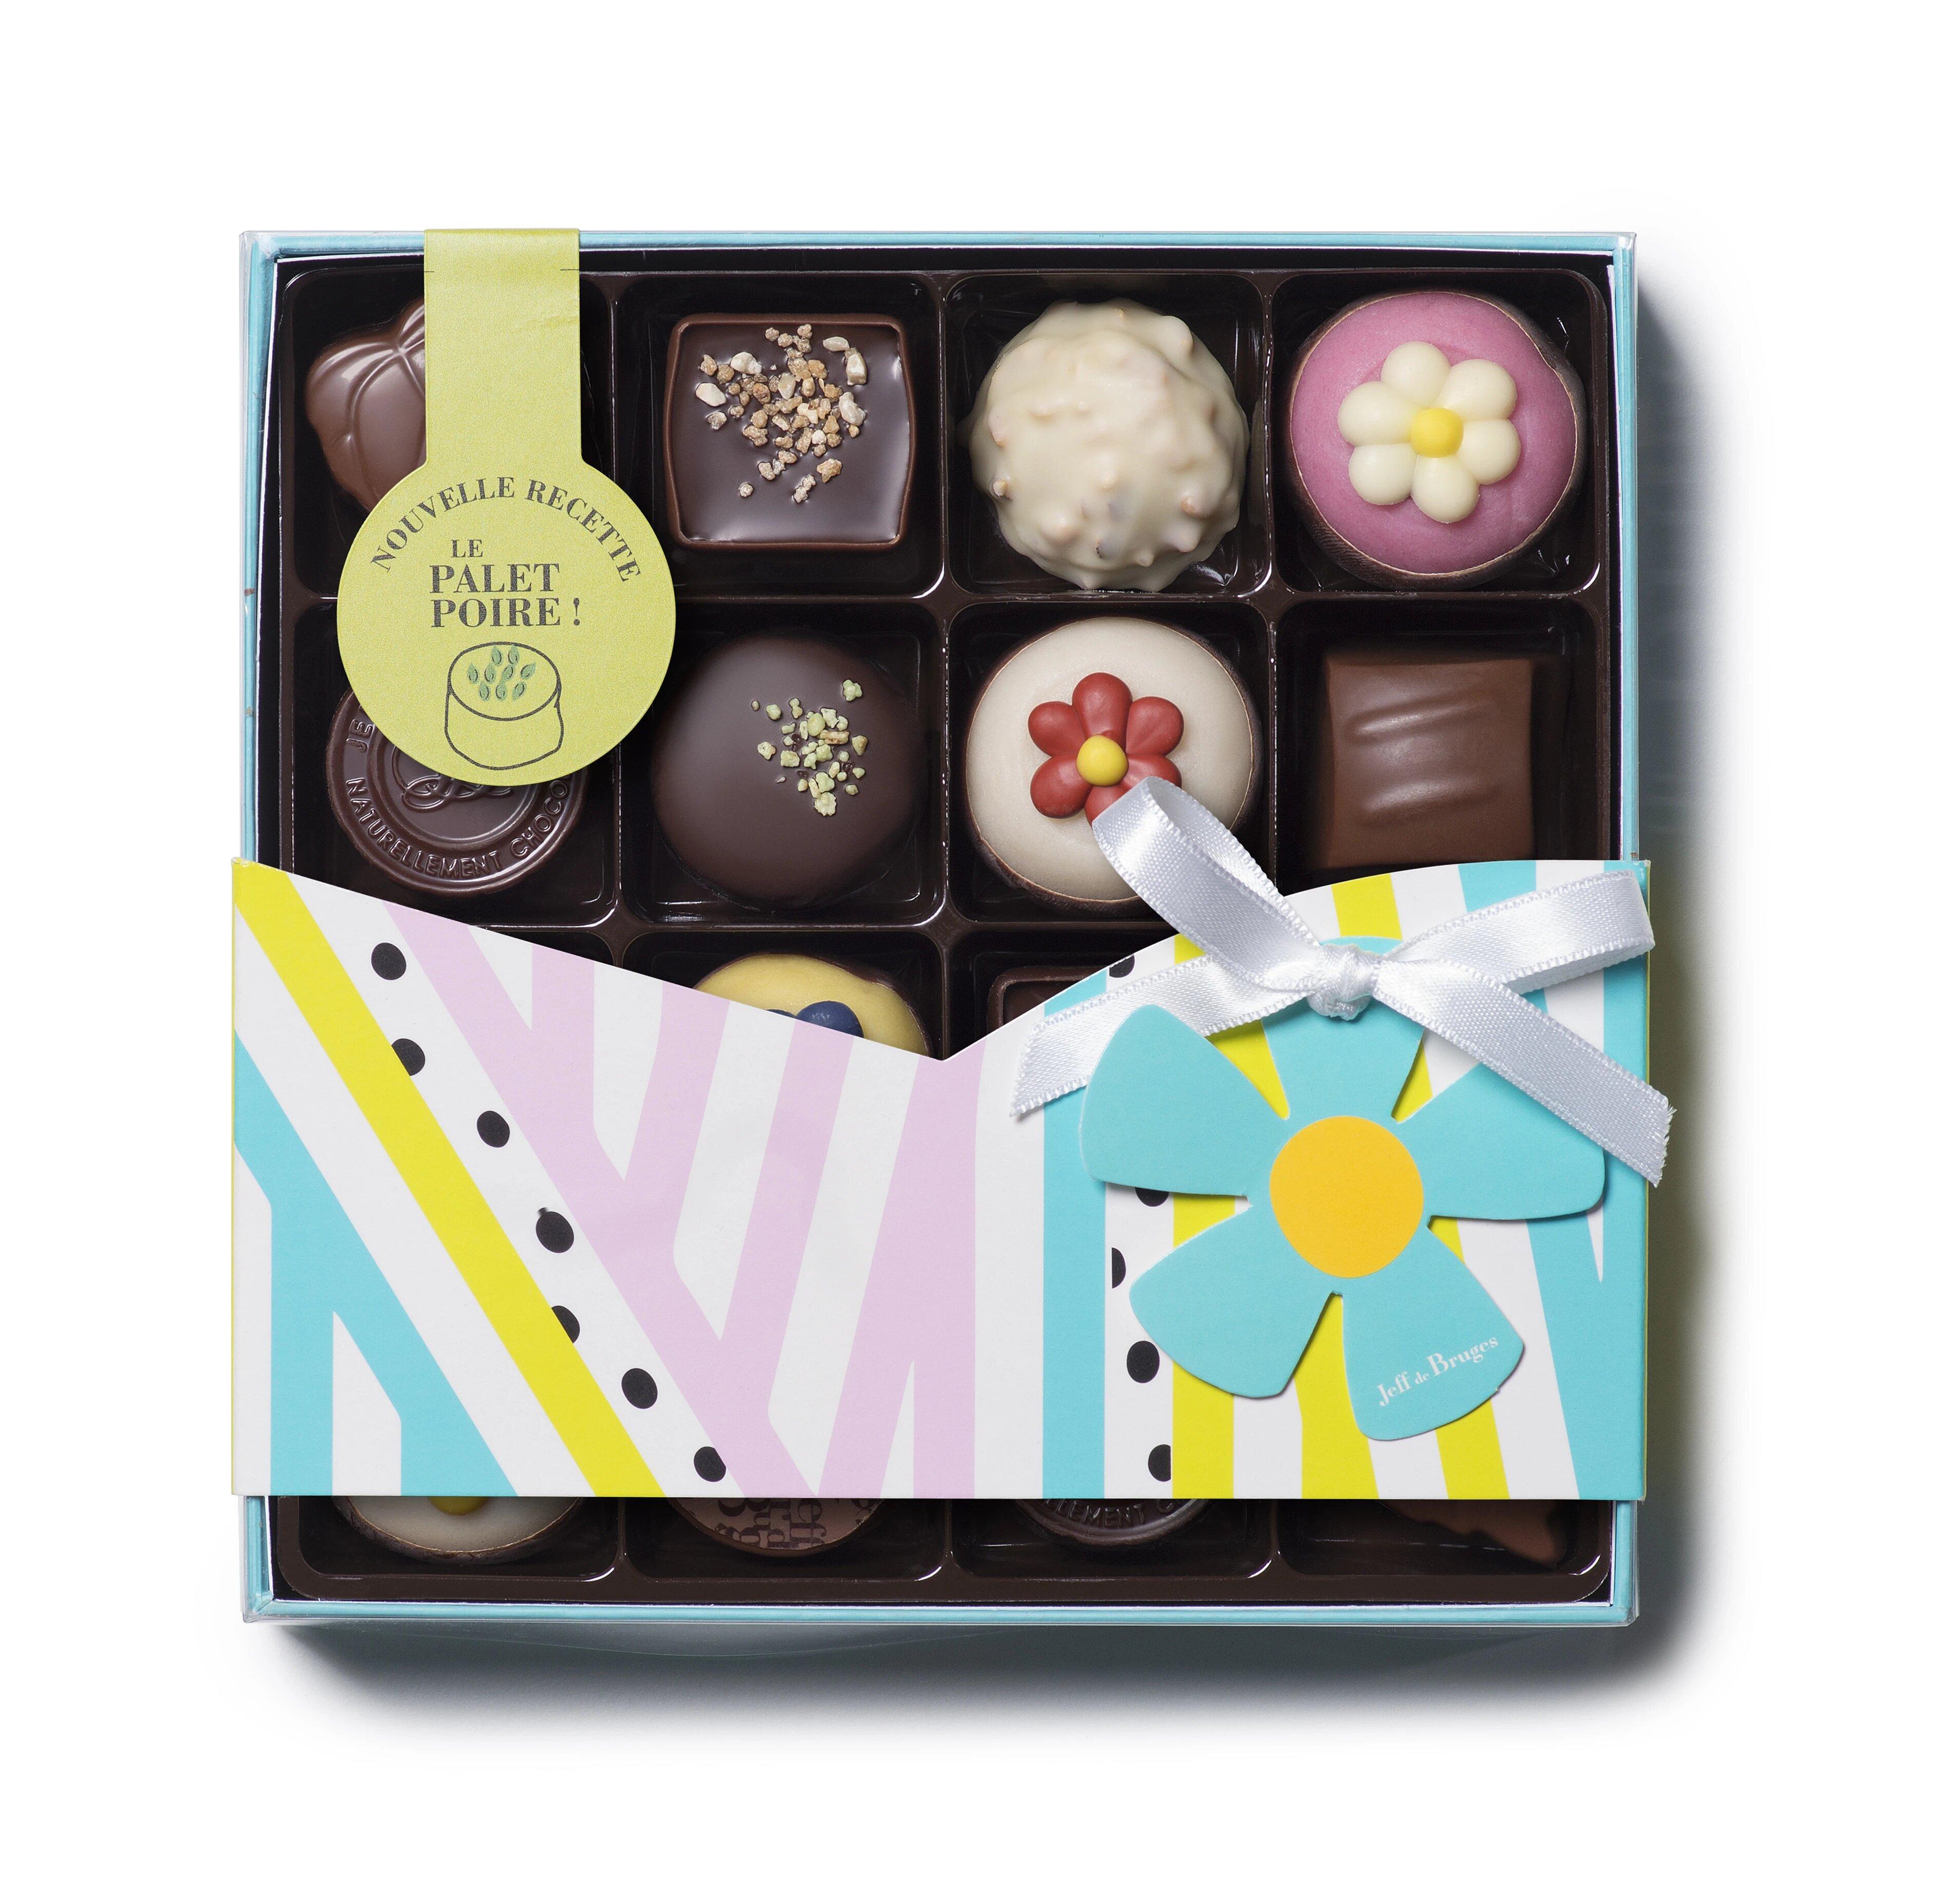 Krásný jarní dárek, průhledná krabička : obsahuje nejen klasické čokoládové bonbony, ale i marcipán s motivem kytičky